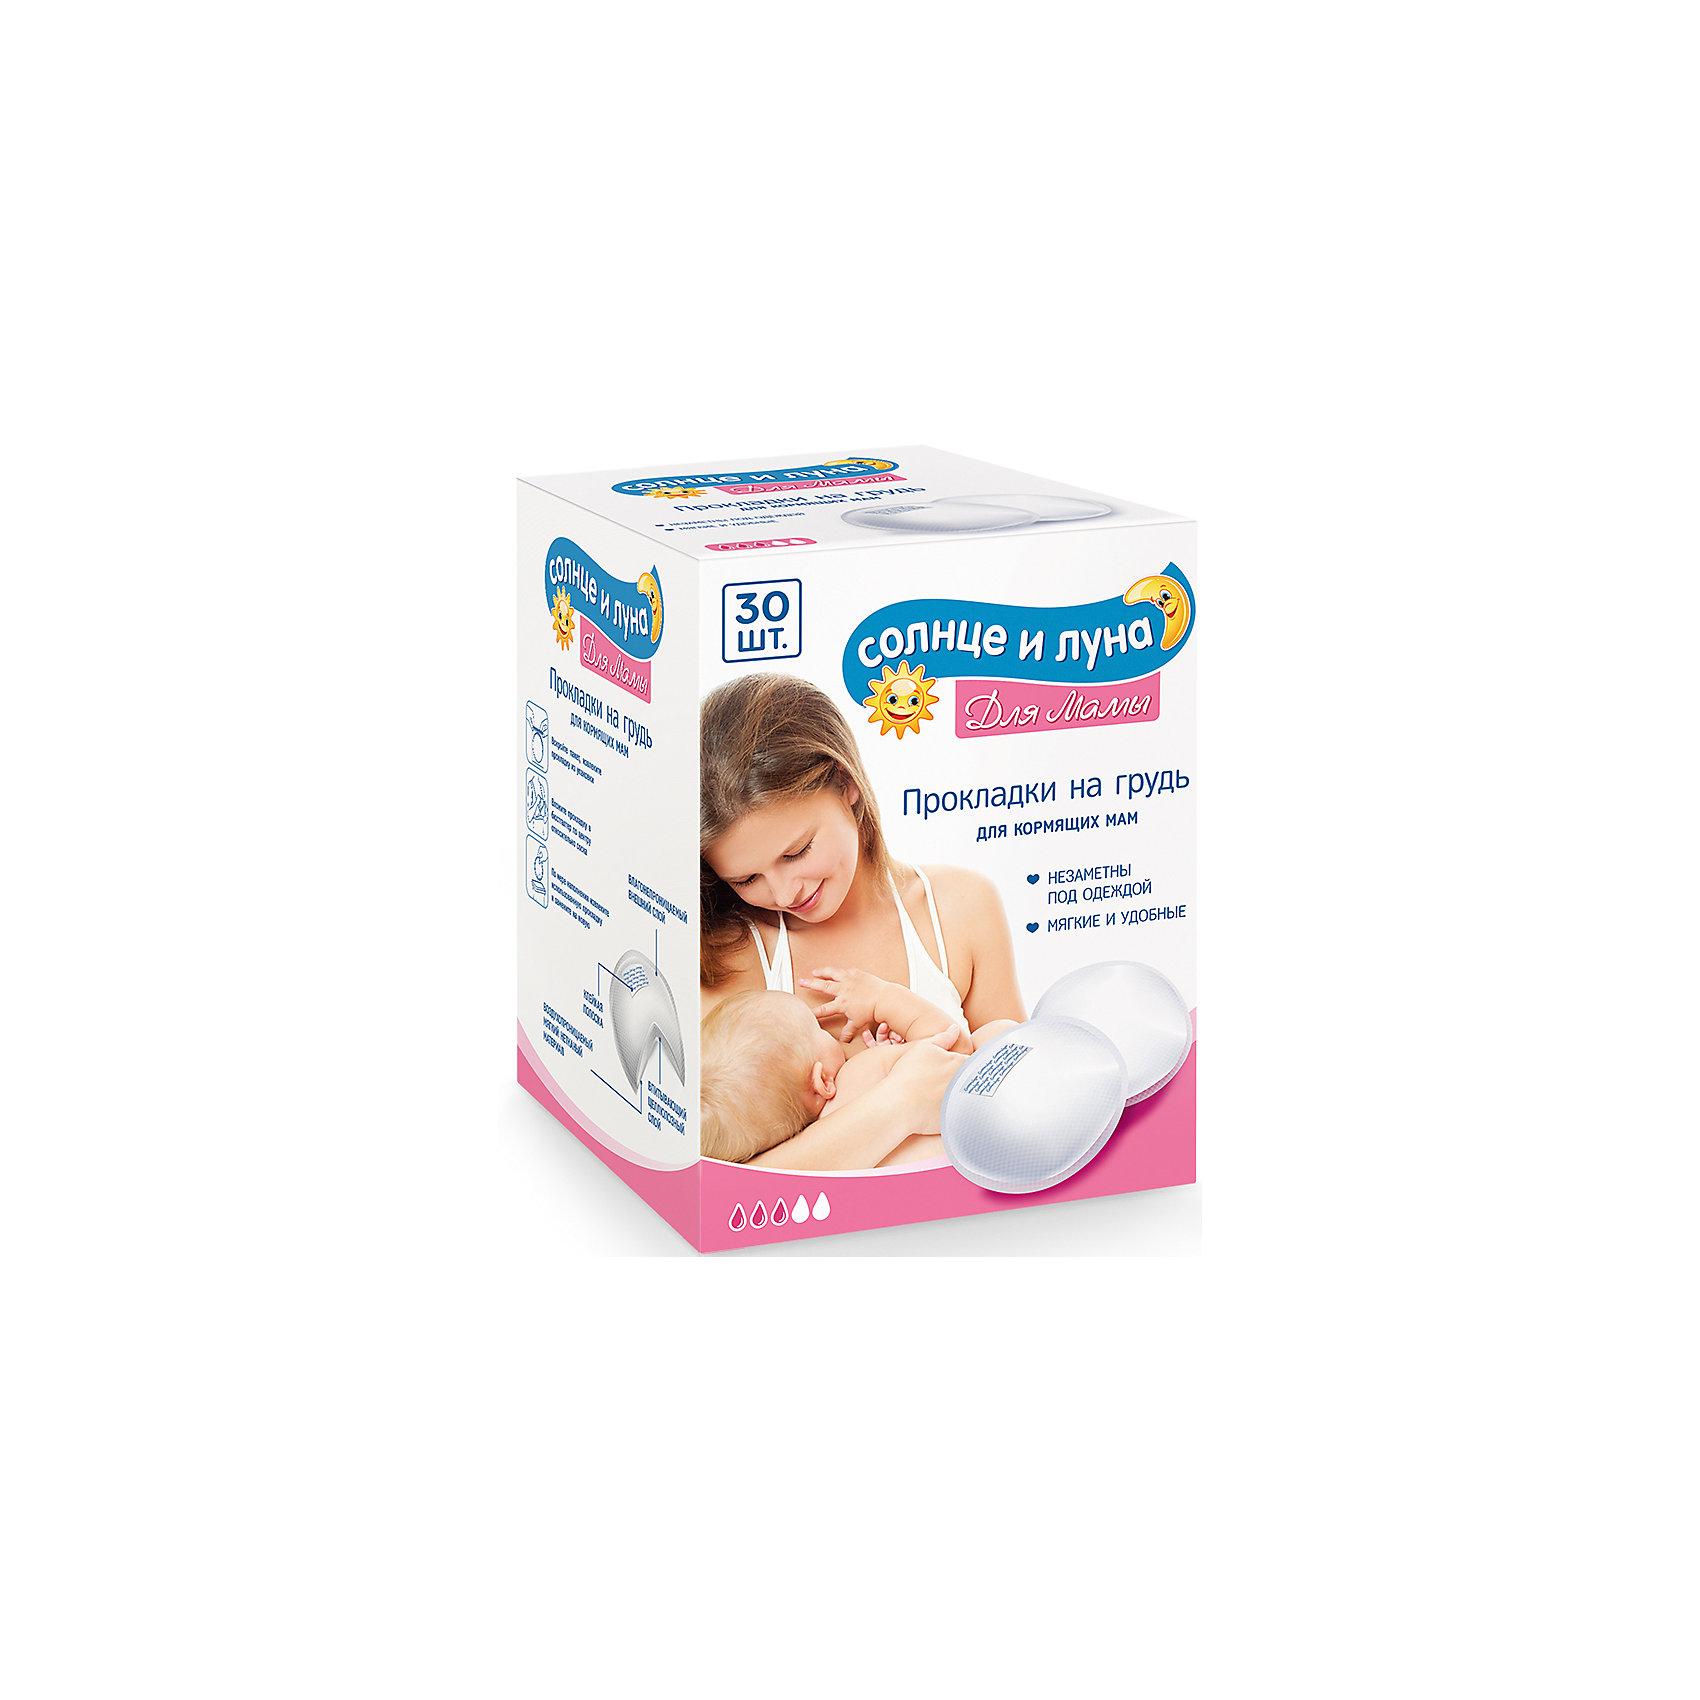 Прокладки на грудь гелевые для кормящих мам, 30шт., Солнце и ЛунаНакладки на грудь<br>Прокладки на грудь для кормящих мам, 30шт., Солнце и Луна<br><br>Характеристики:<br><br>• дышащий слой позволяет коже дышать<br>• быстро впитывают влагу <br>• не протекают<br>• надежная клейкая полоска<br>• многослойная структура<br>• не заметны под бельем<br>• количество: 30 шт.<br>• вес: 160 грамм<br><br>Прокладки необходимы для гигиены груди во время грудного вскармливания. Они быстро впитывают влагу, не протекают и не вызывают раздражения. Дышащий слой обеспечивает коже доступ к кислороду. Прокладки крепятся к бюстгальтеру с помощью клейкой полоски. Прокладки не заметны под бельем и удобны в использовании.<br><br>Прокладки на грудь для кормящих мам, 30шт., Солнце и Луна вы можете купить в нашем интернет-магазине.<br><br>Ширина мм: 65<br>Глубина мм: 44<br>Высота мм: 30<br>Вес г: 160<br>Возраст от месяцев: 18<br>Возраст до месяцев: 600<br>Пол: Женский<br>Возраст: Детский<br>SKU: 5523106